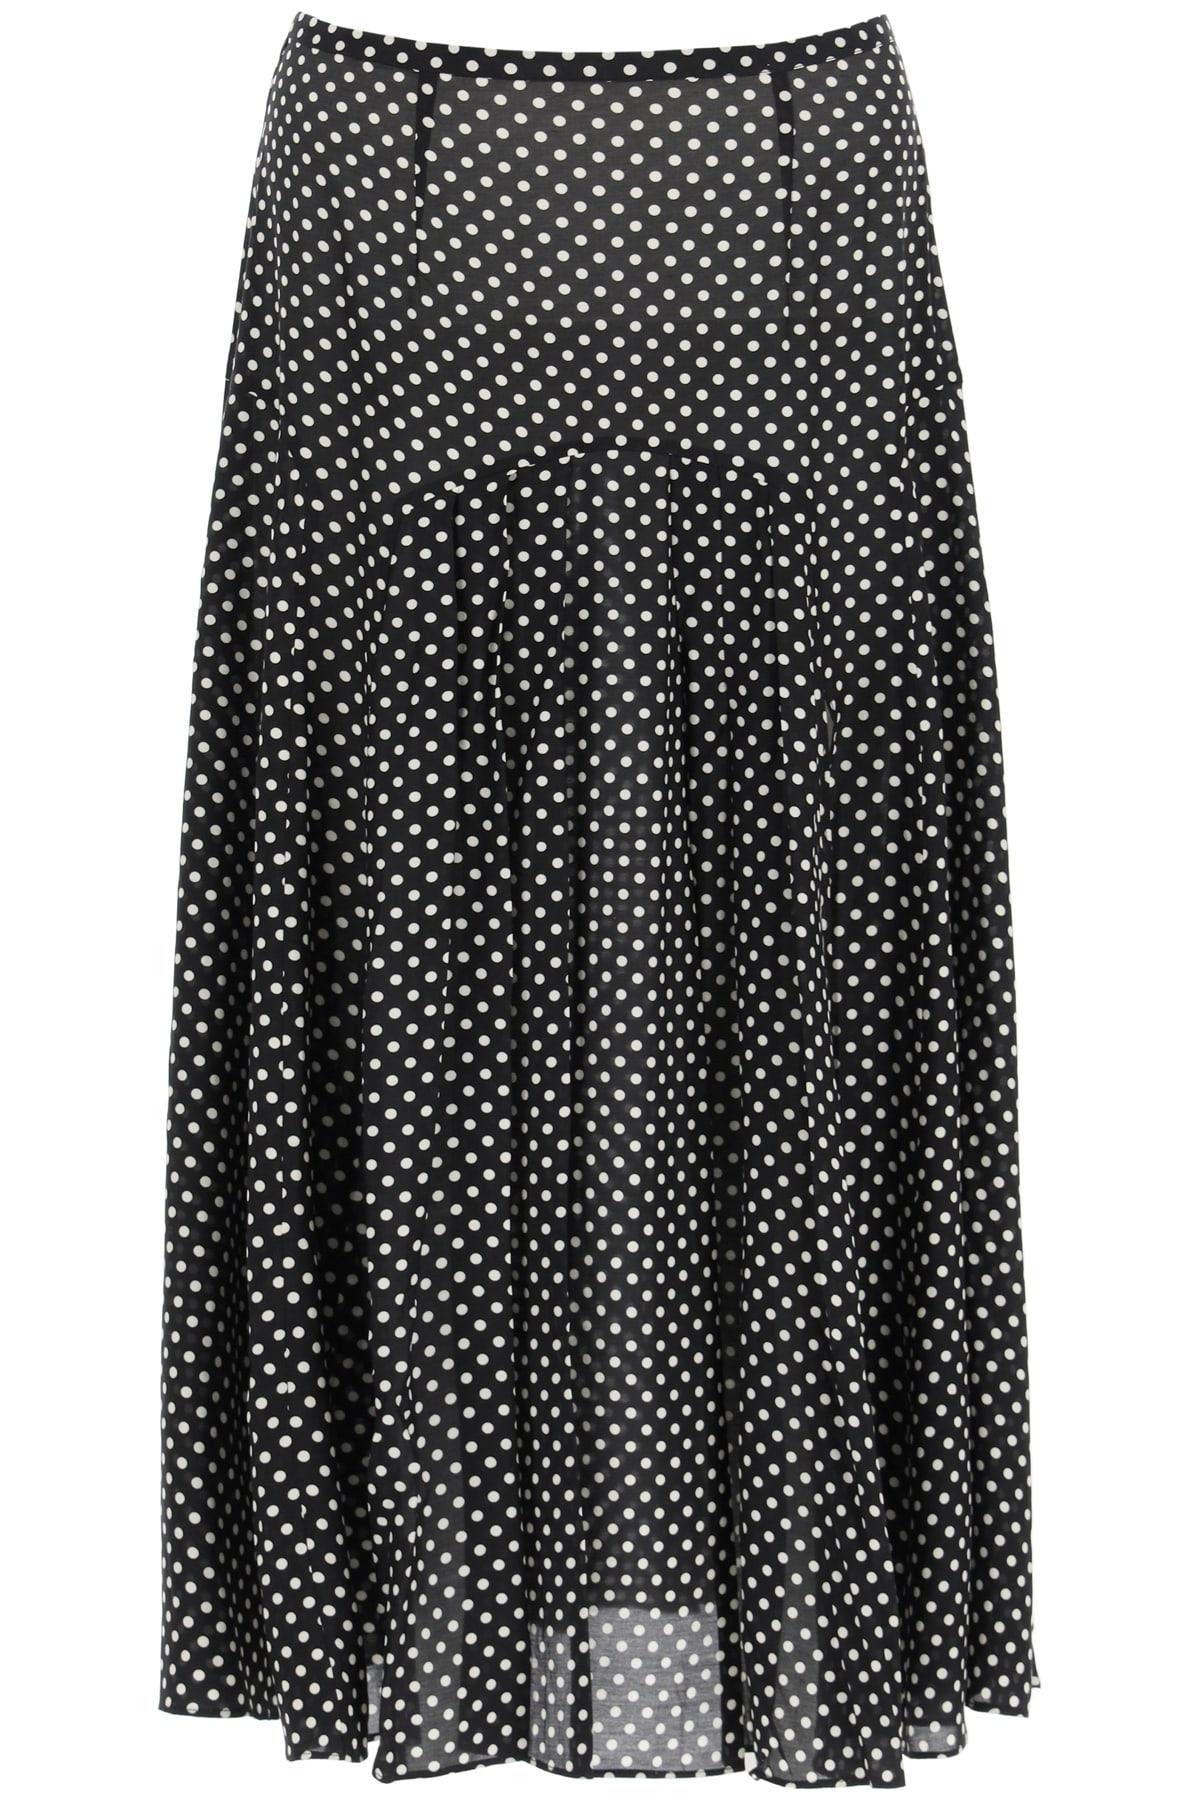 RIXO Claire Midi Skirt